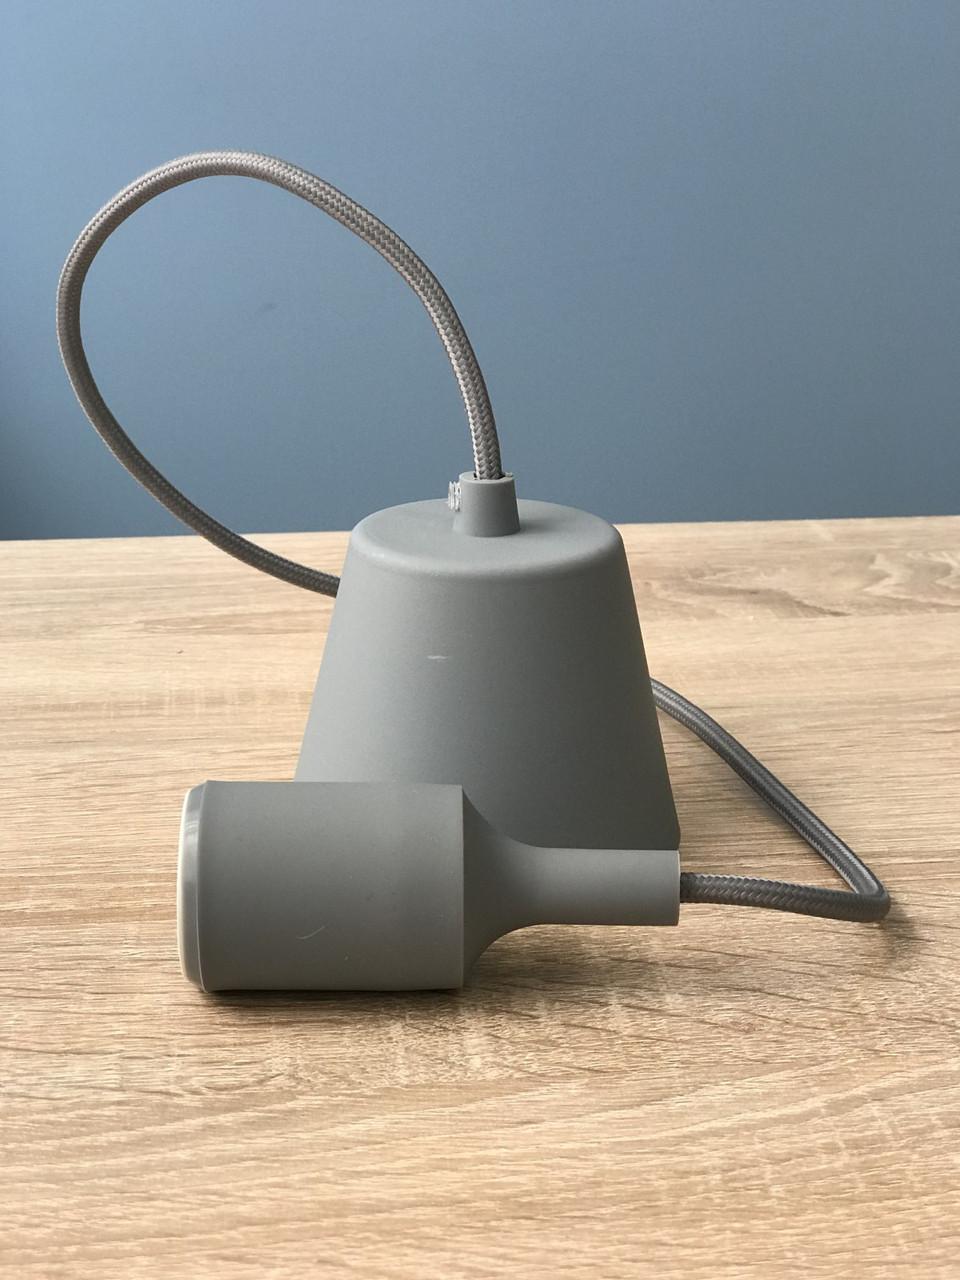 Подвесной пластиковый светильник с цоколем под лампу E27 серого цвета Lemanso LMA074